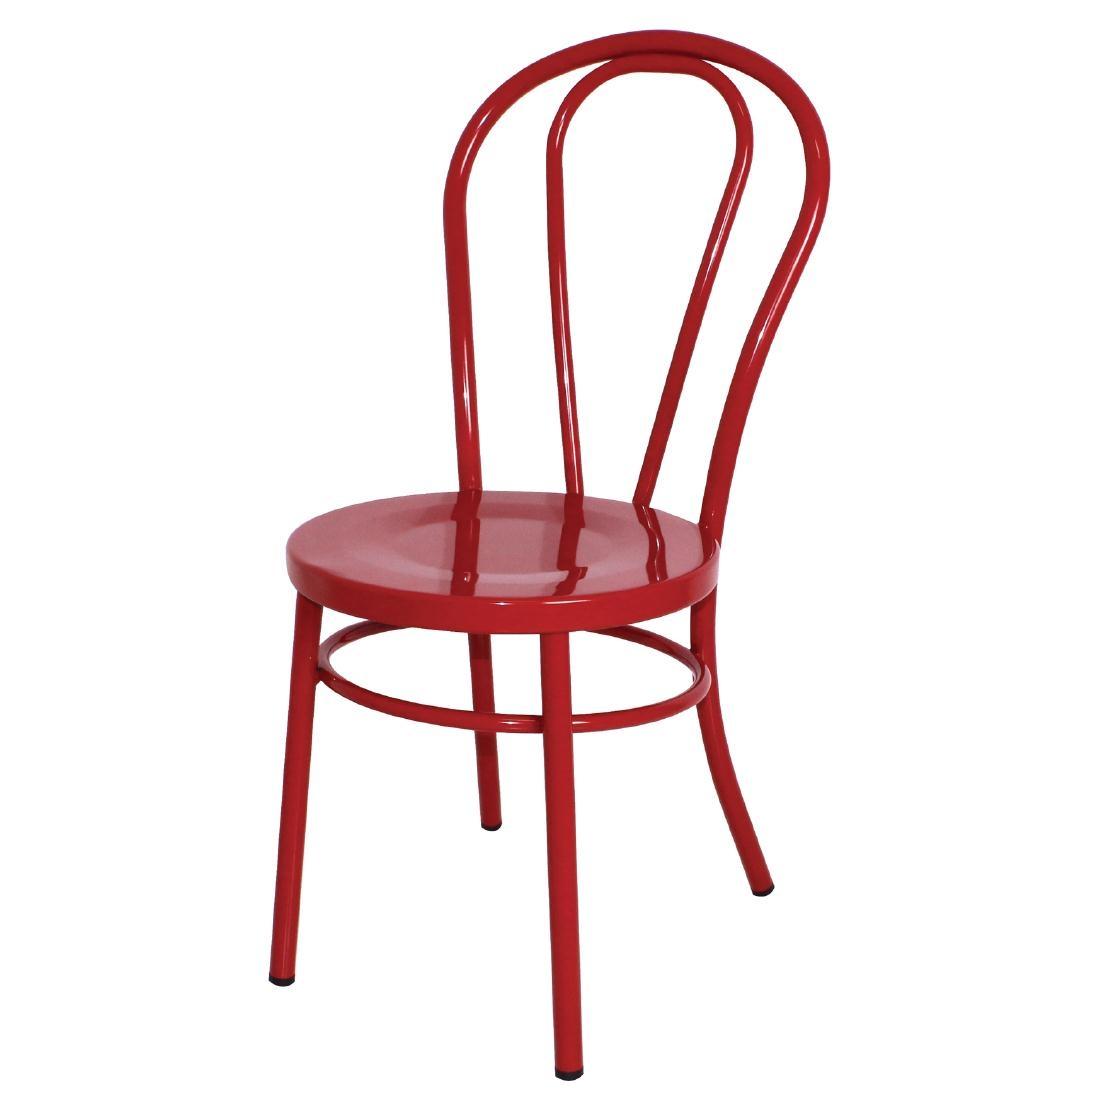 Chaises style bois courbé en acier rouges x2